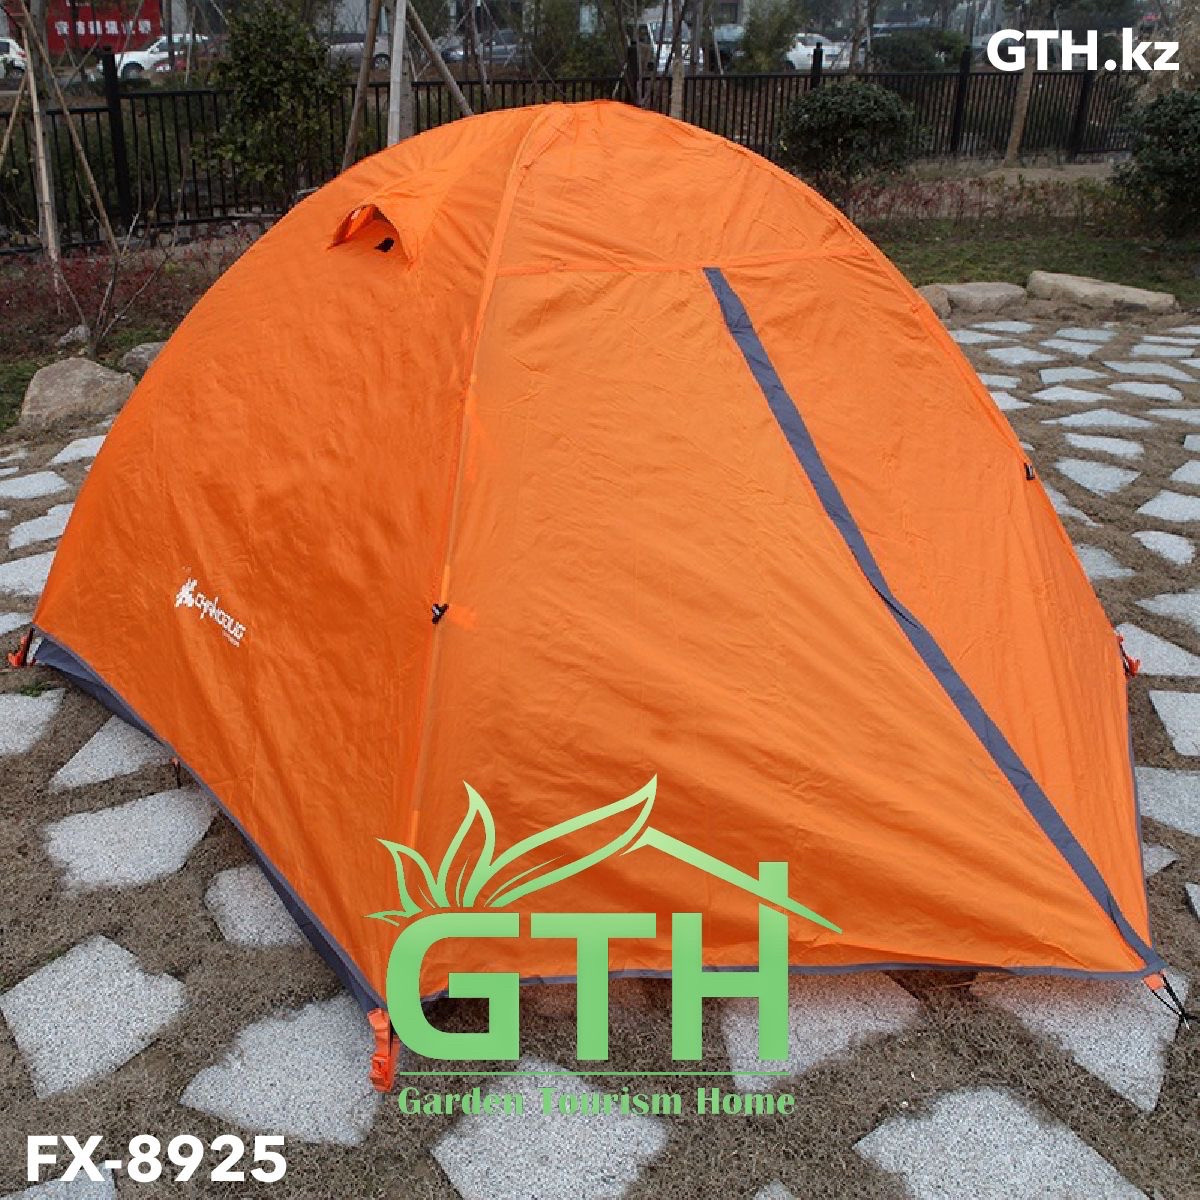 Горные палатки Chanodug FX-8935. Двухместные, двухслойные. Доставка. - фото 1